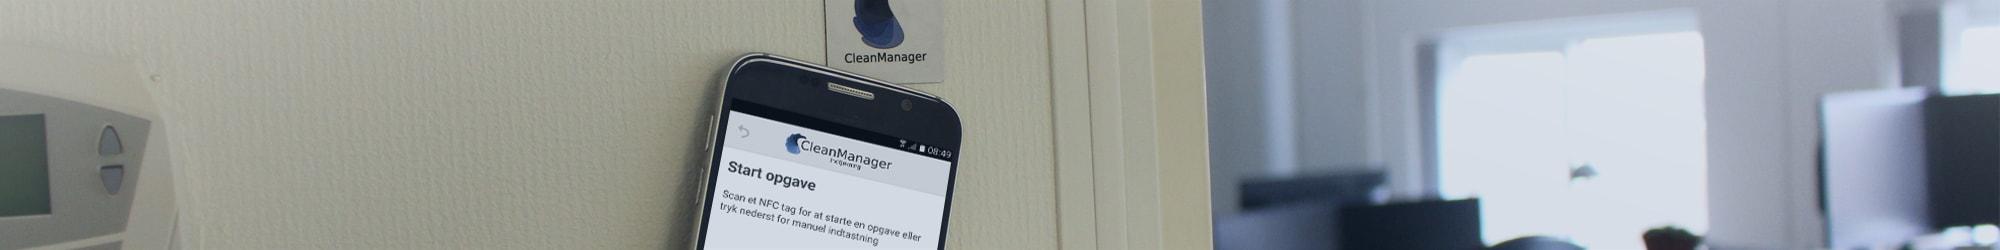 Smartphone komme-gå-registrering indtjekning med NFC tag